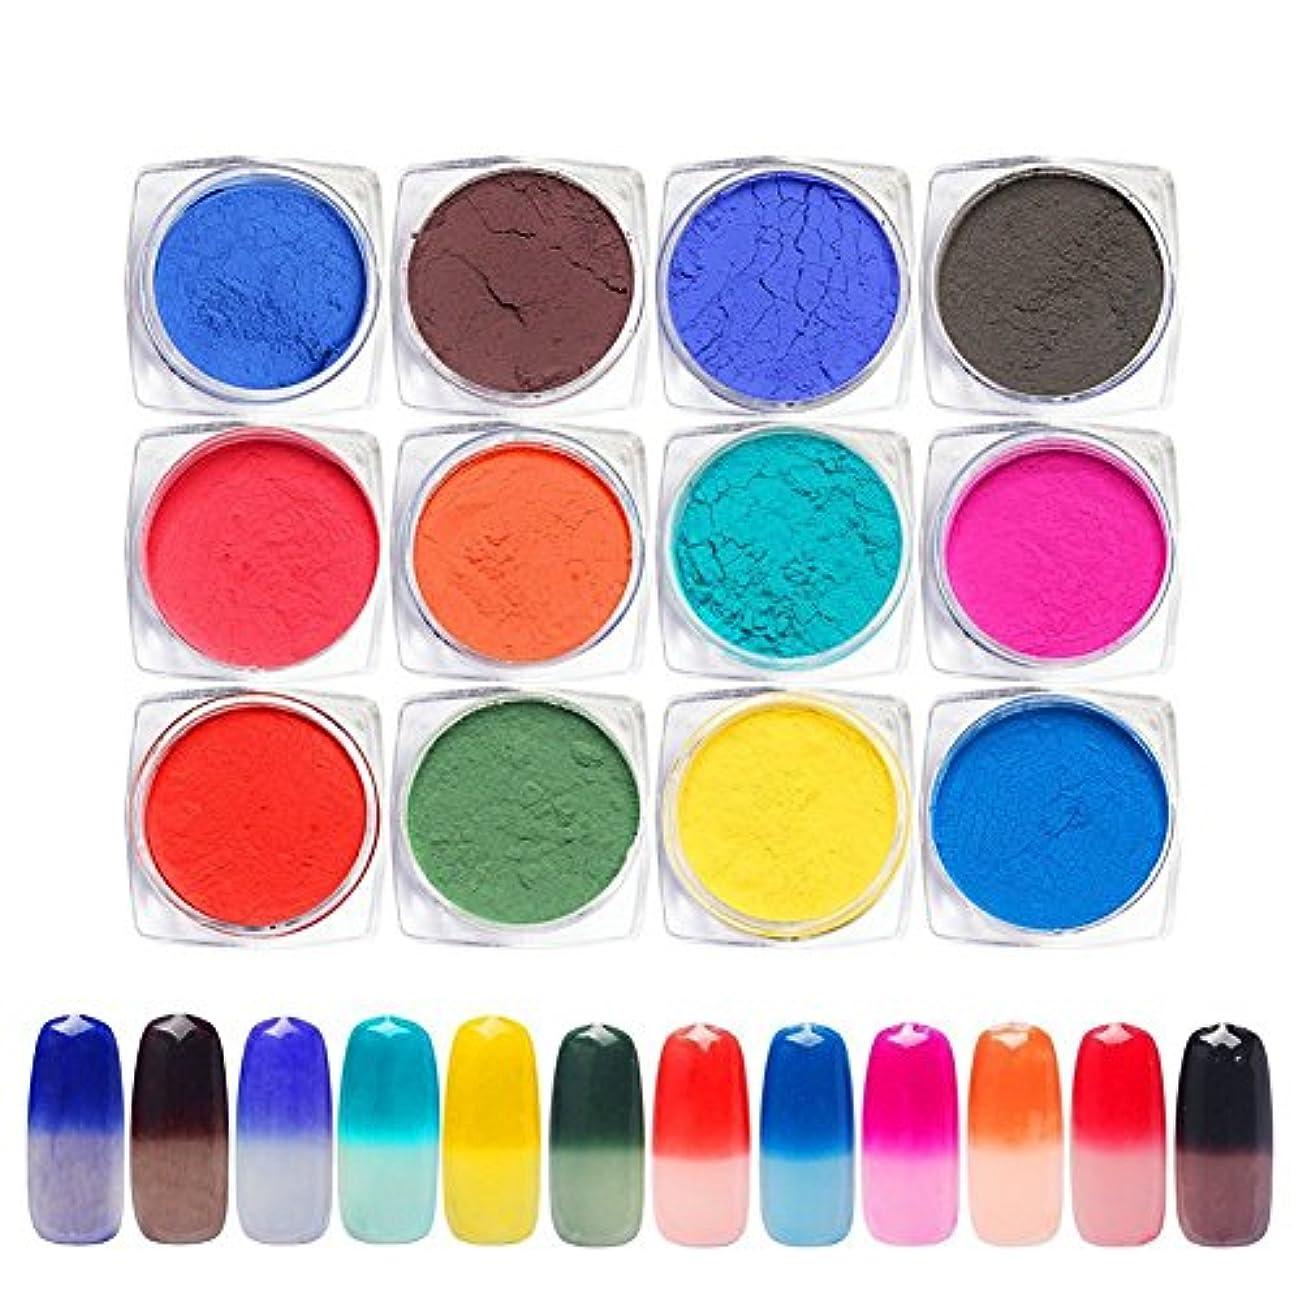 エジプト誤解を招く毎月12色セット 変色パウダー温度により色が変わりるネイルパウダーネイルアートネイルデザインネイルデコアクセサリー